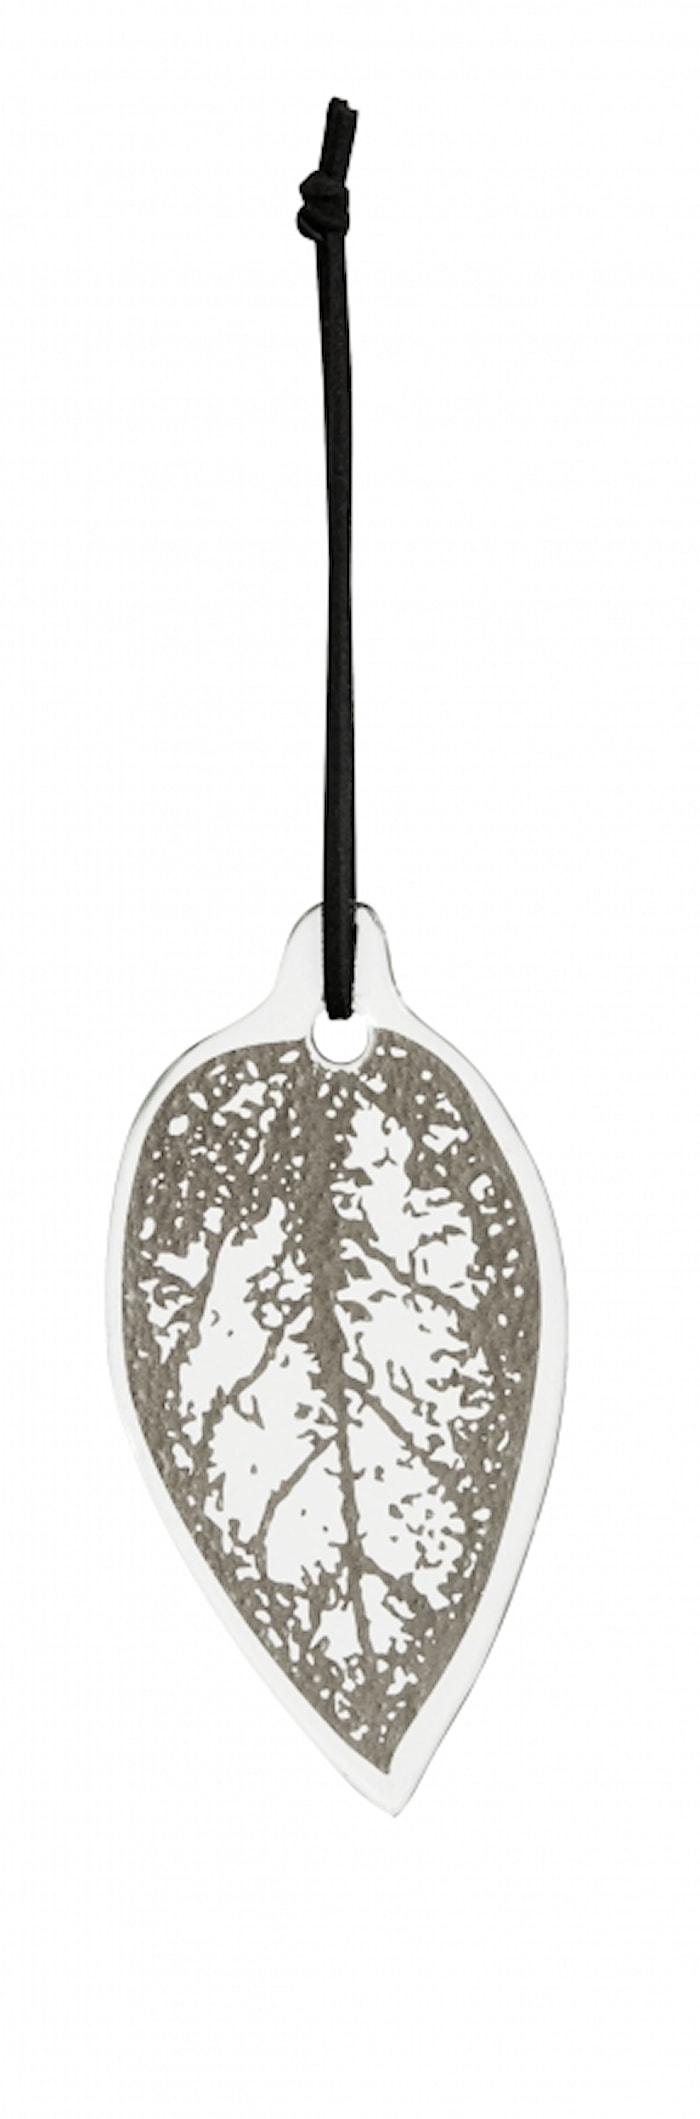 Juletredekorasjon Leaf Hanger Small